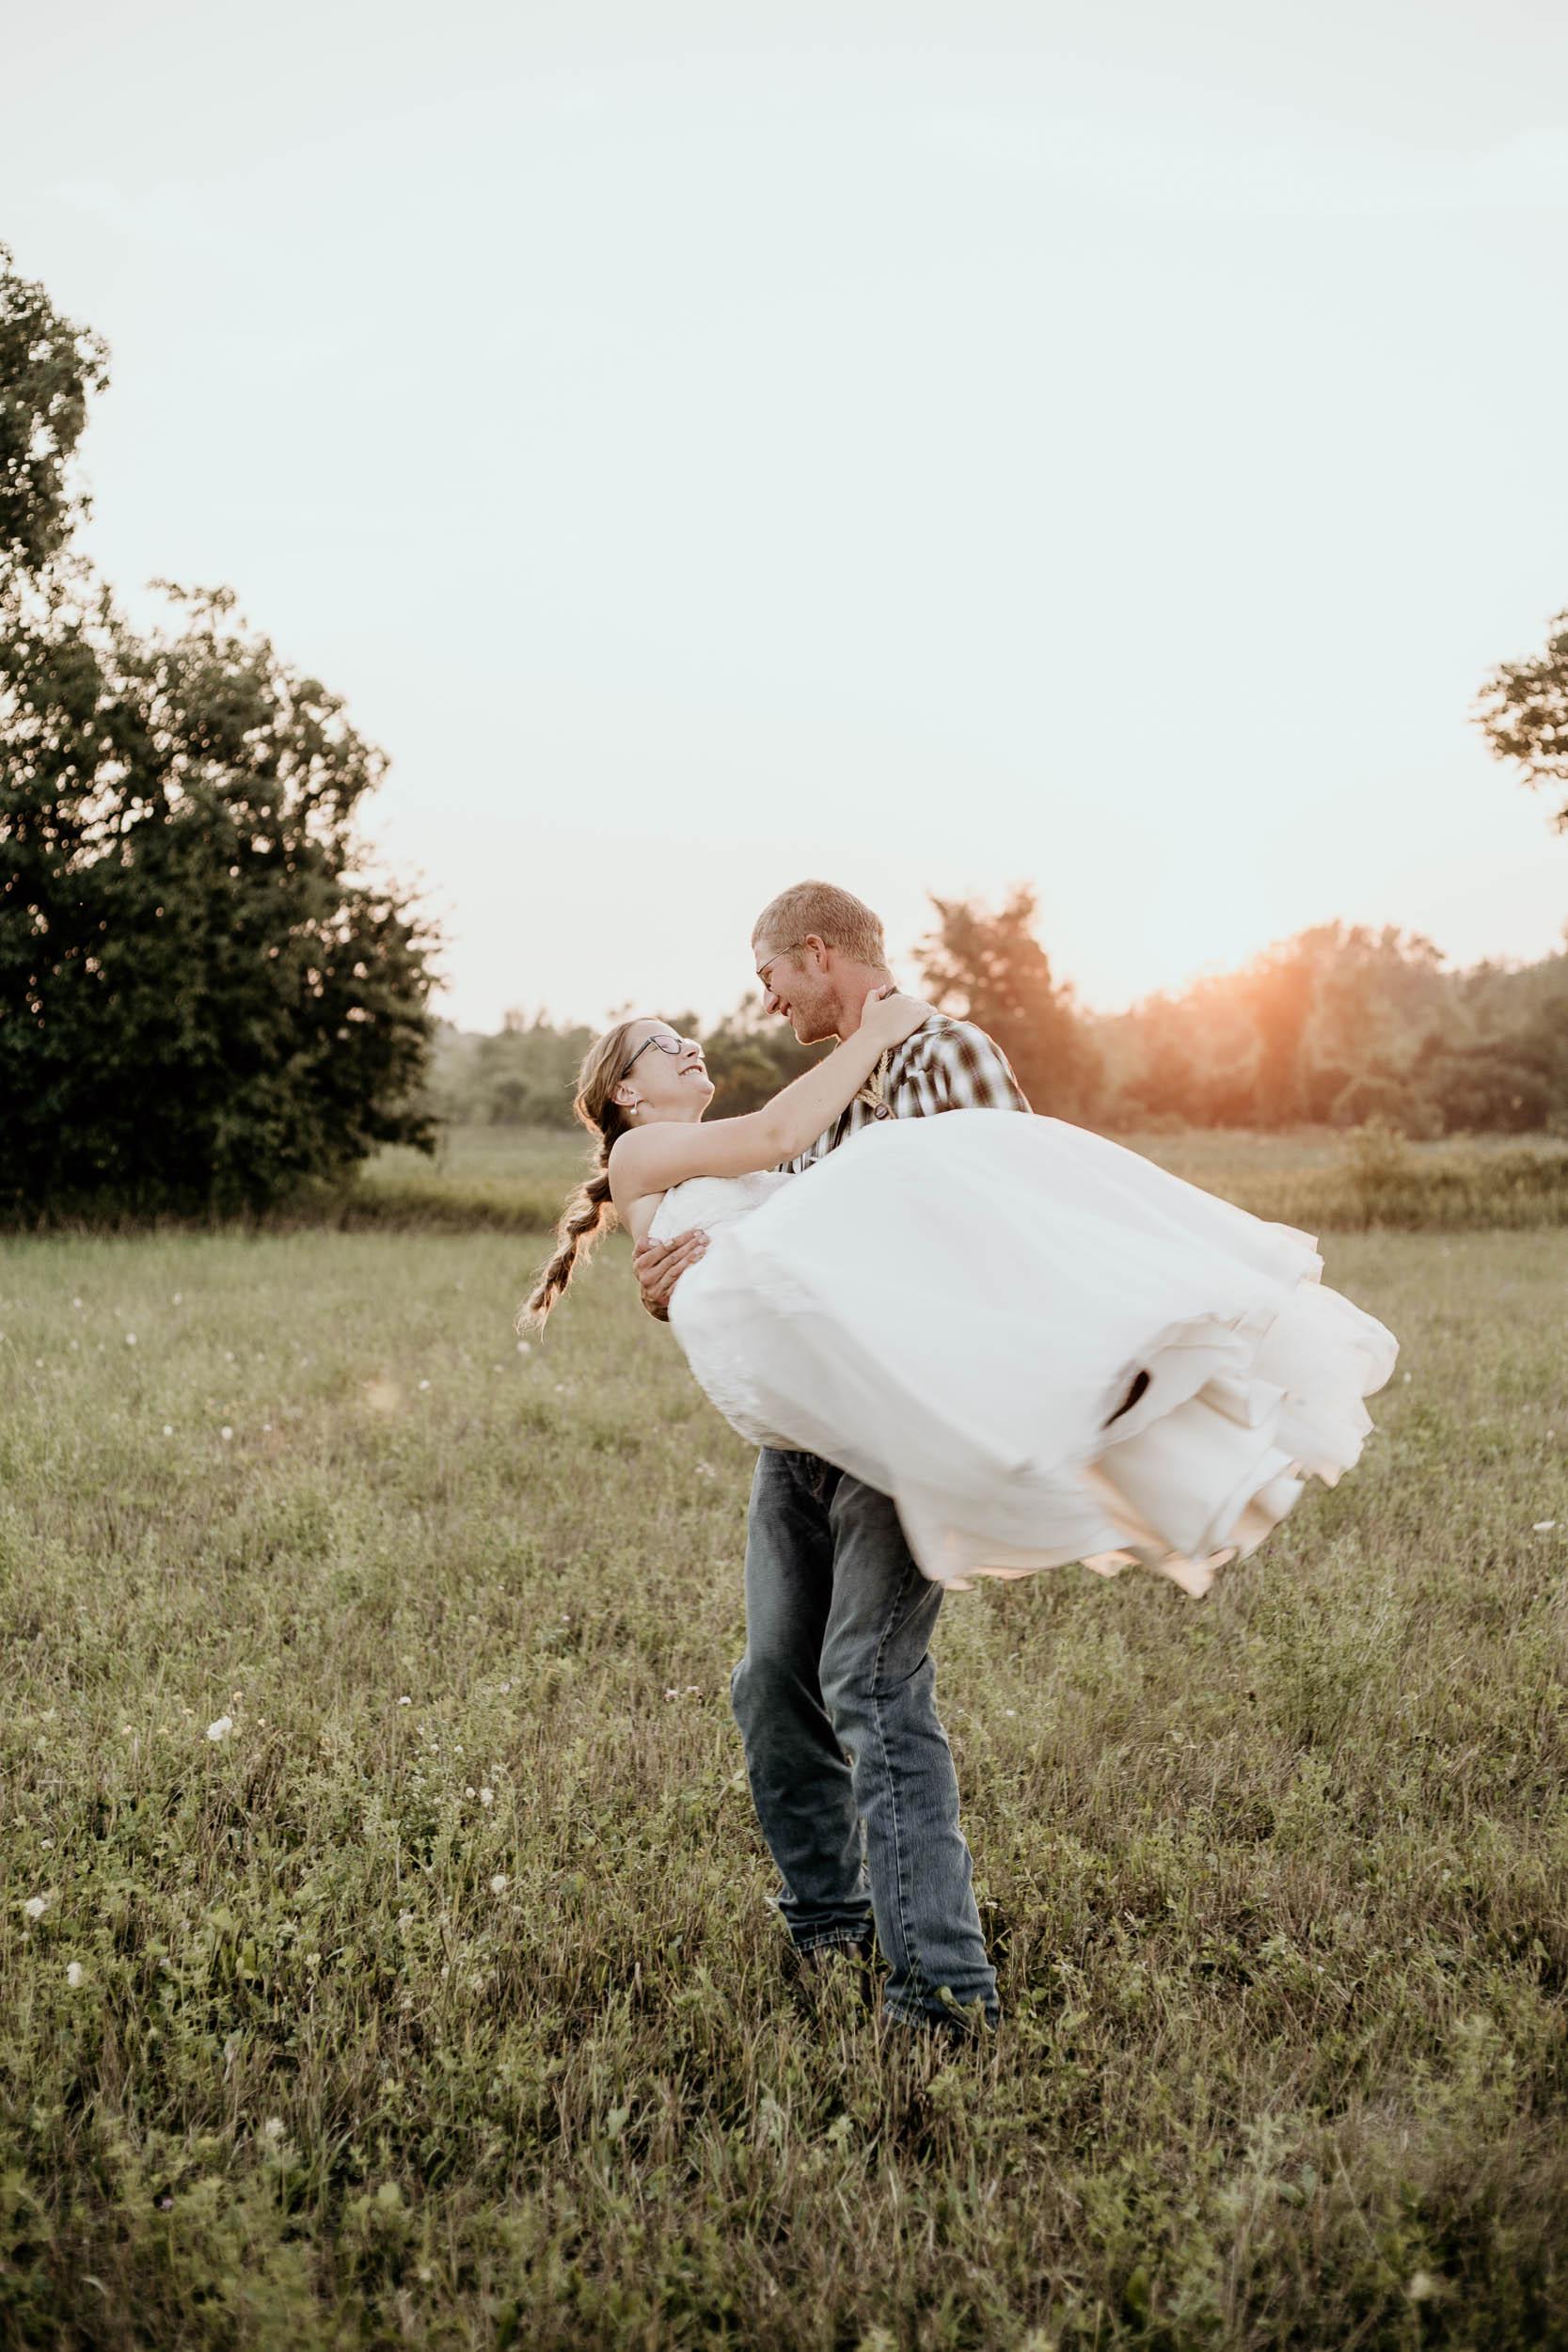 intimate-wedding-elopement-photographer-ottawa-joshua-tree-3082.jpg